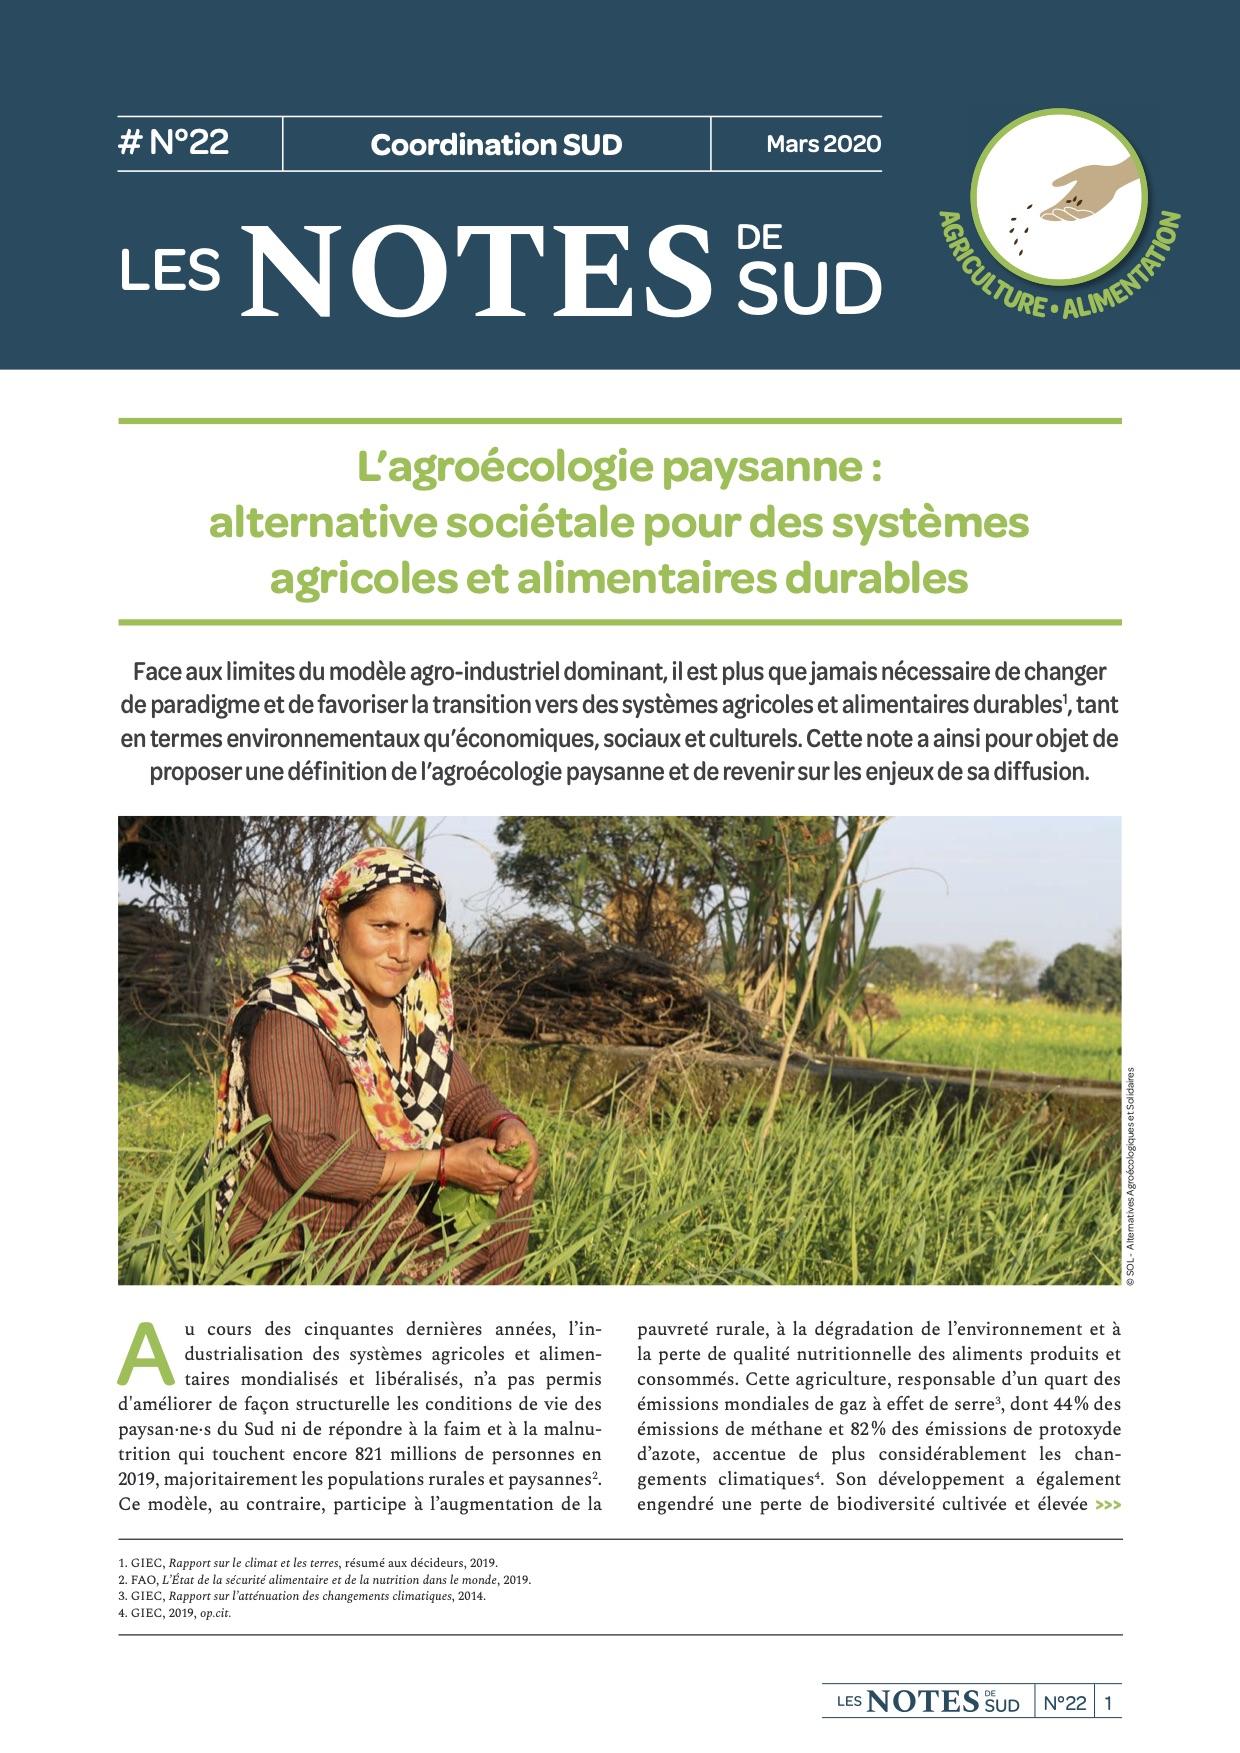 L'agroécologie paysanne : alternative sociétale pour des systèmes agricoles et alimentaires durables  Image principale